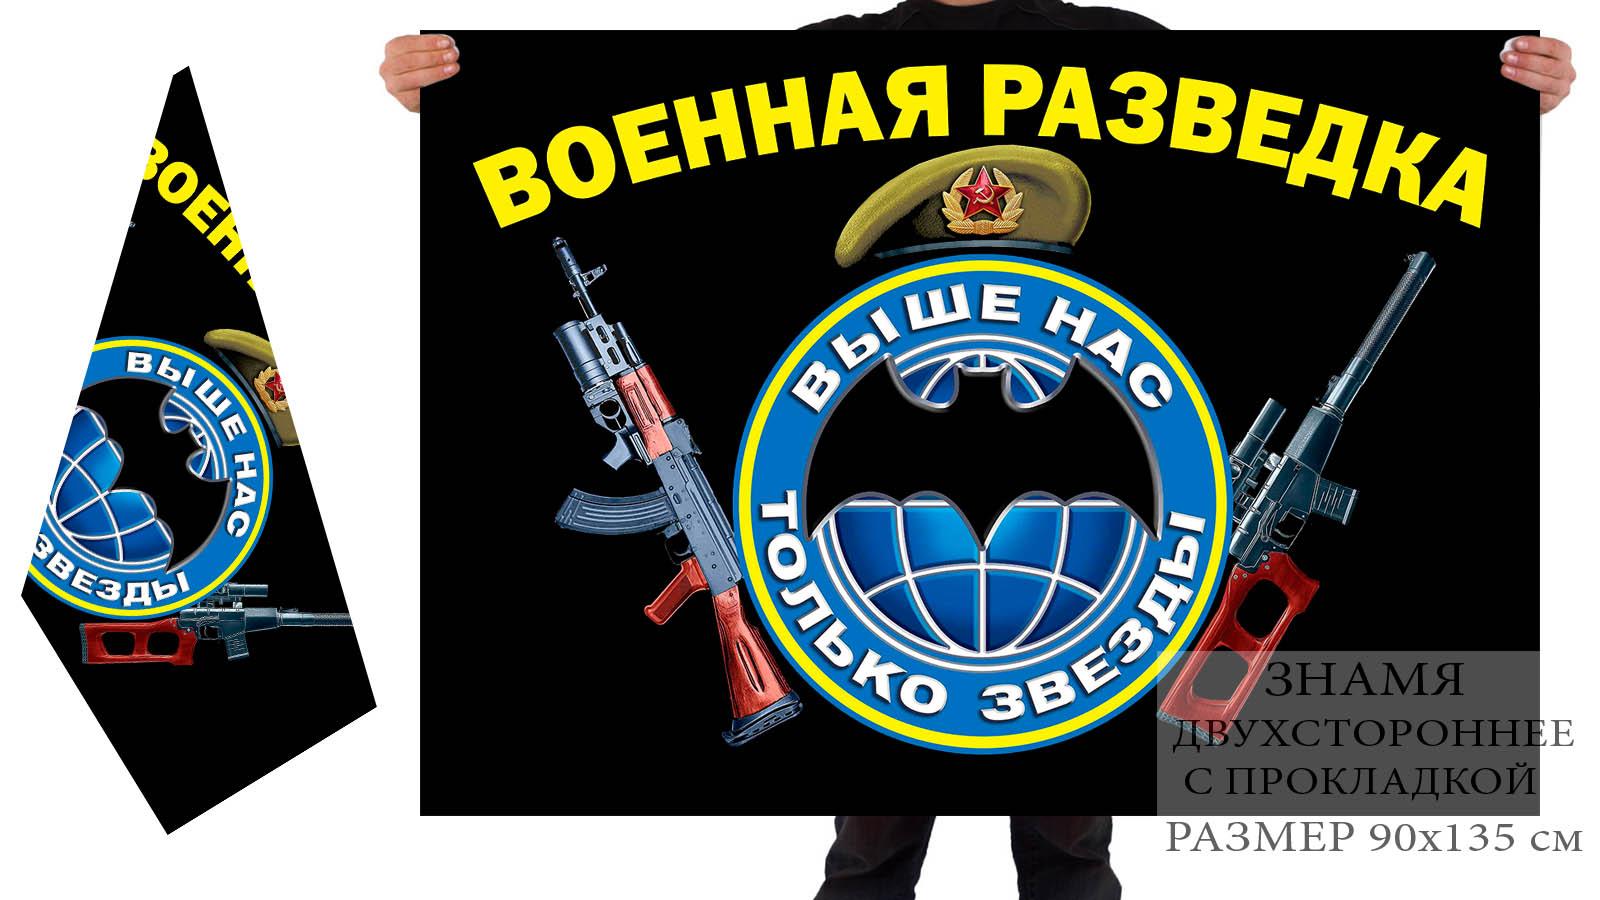 Двусторонний флаг военных разведчиков с девизом